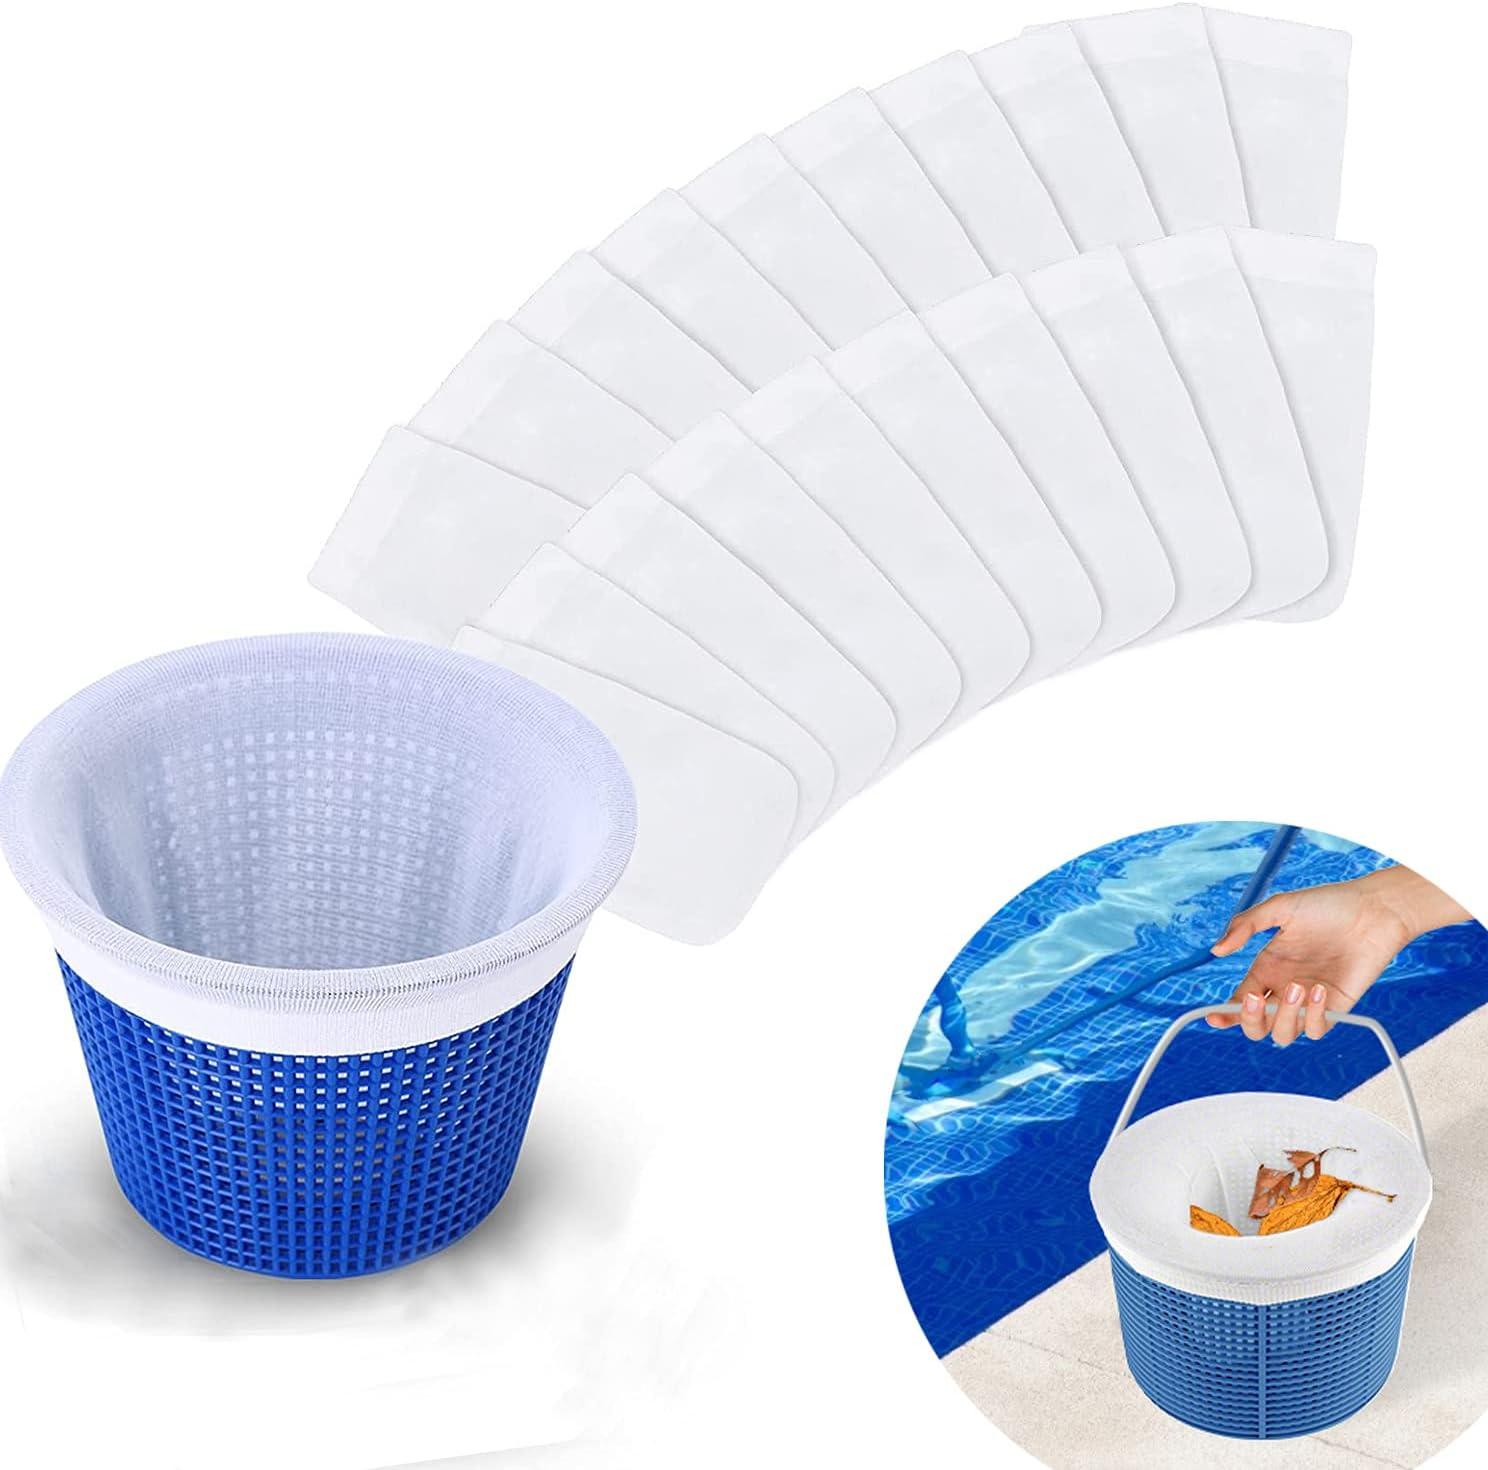 Mitening Calcetines Piscina Filtros, 20 pcs Blancos Filtro Skimmer de Piscina de Tela de Nailon Elástico Duradero para Cesta de Piscina, Red para Piscina Skimmer para Elimina Escorias, Hojas, Insectos